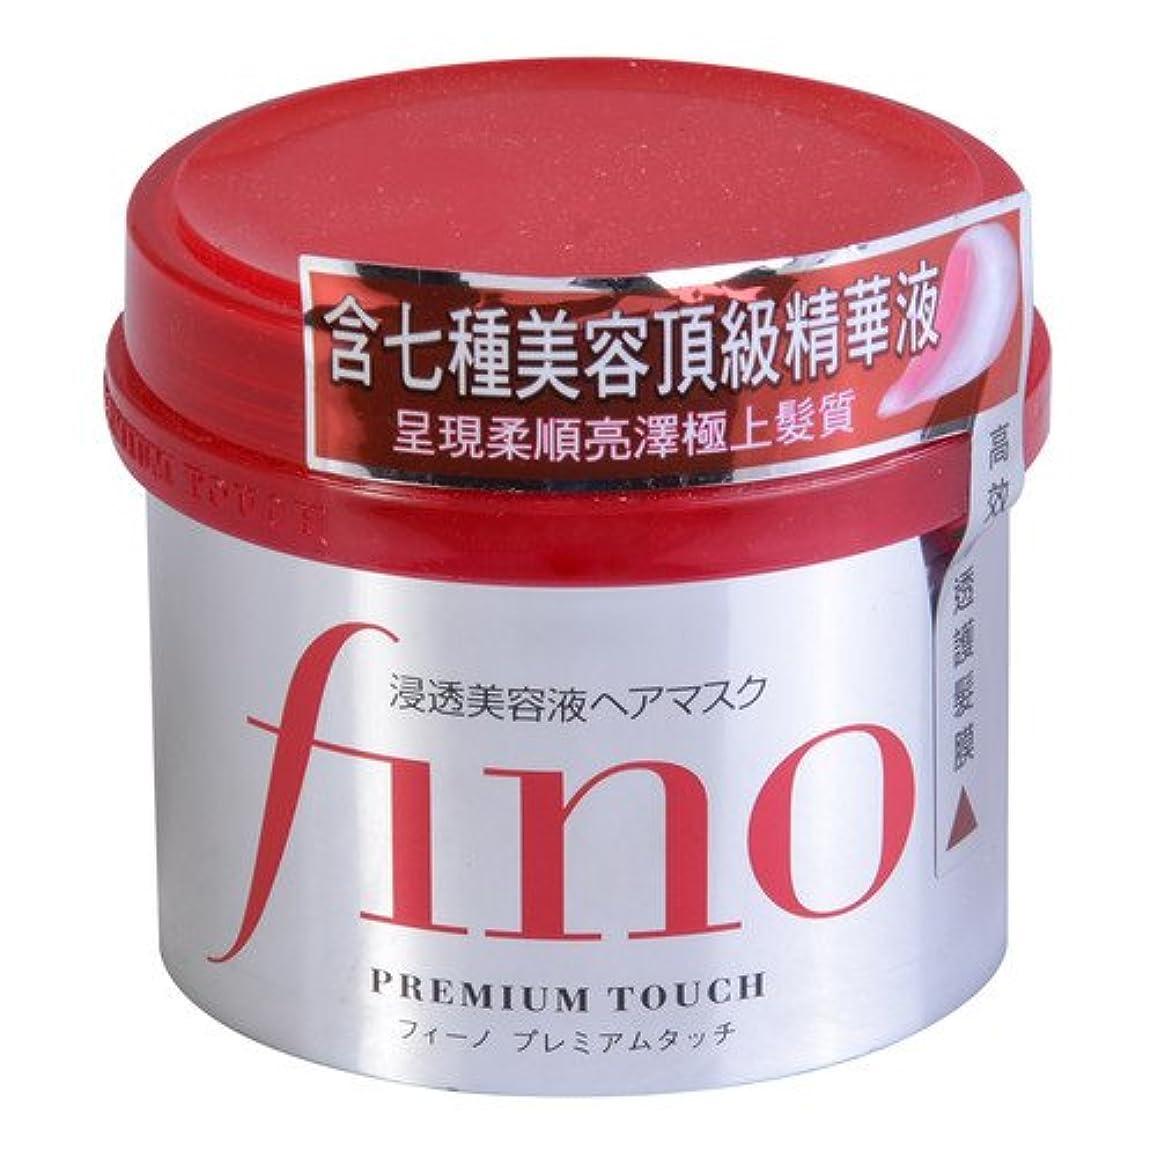 できれば操るめんどりフィーノ プレミアムタッチ 浸透美容液ヘアマスク230g